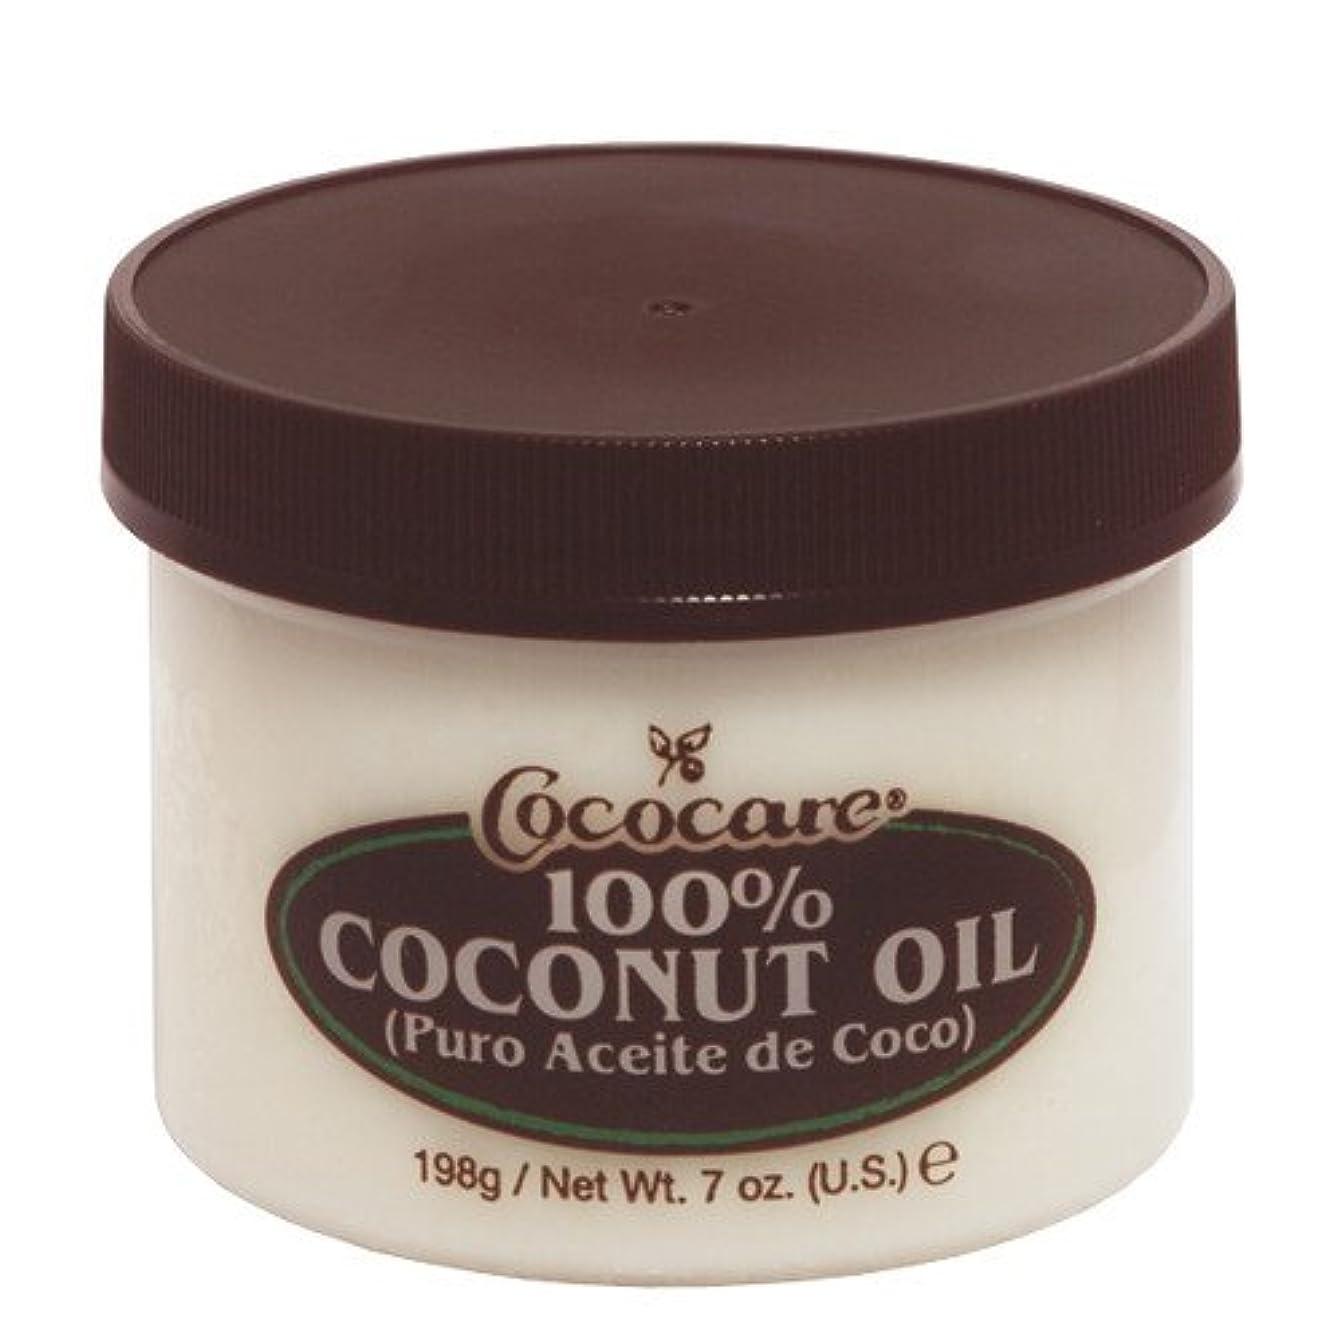 振動させる原油ファーザーファージュCOCOCARE ココケア ココナッツオイル 198g